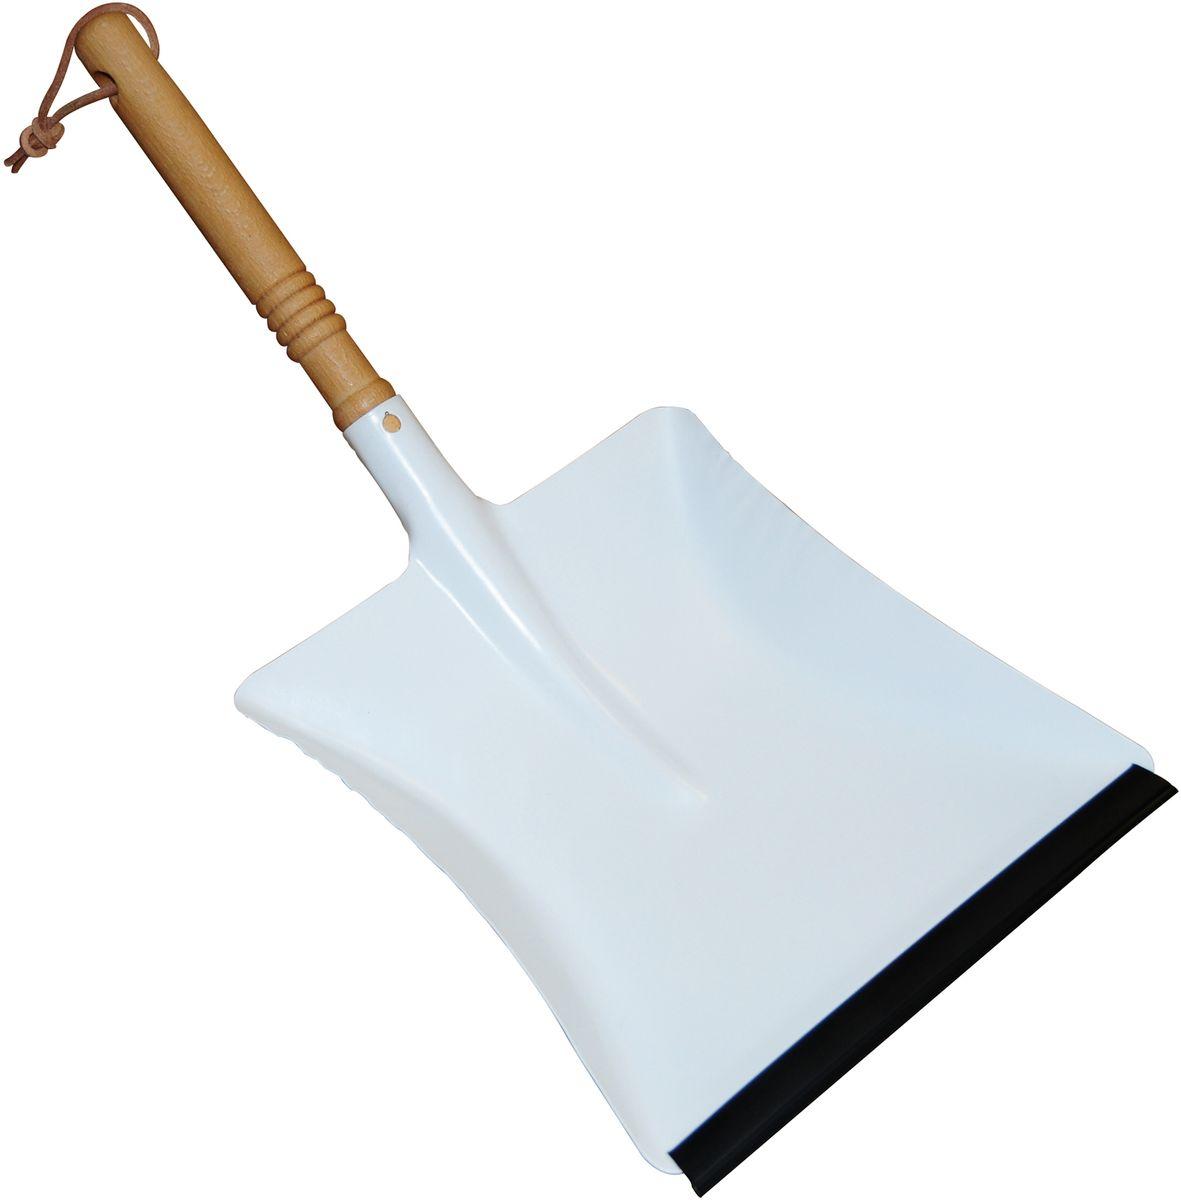 Совок Redecker, для мусора. 207022PANTERA SPX-2RSНебольшой совок для сбора мусора из нержавеющей стали. Имеет широкую рабочую часть, благодаря чему при своих компактных размерах отличается хорошей вместительностью. Специальная форма предотвращает выпадение мусора при переноске. Небольшой крючок на ручке позволяет подвешивать совок и хранить в вертикальном положении.